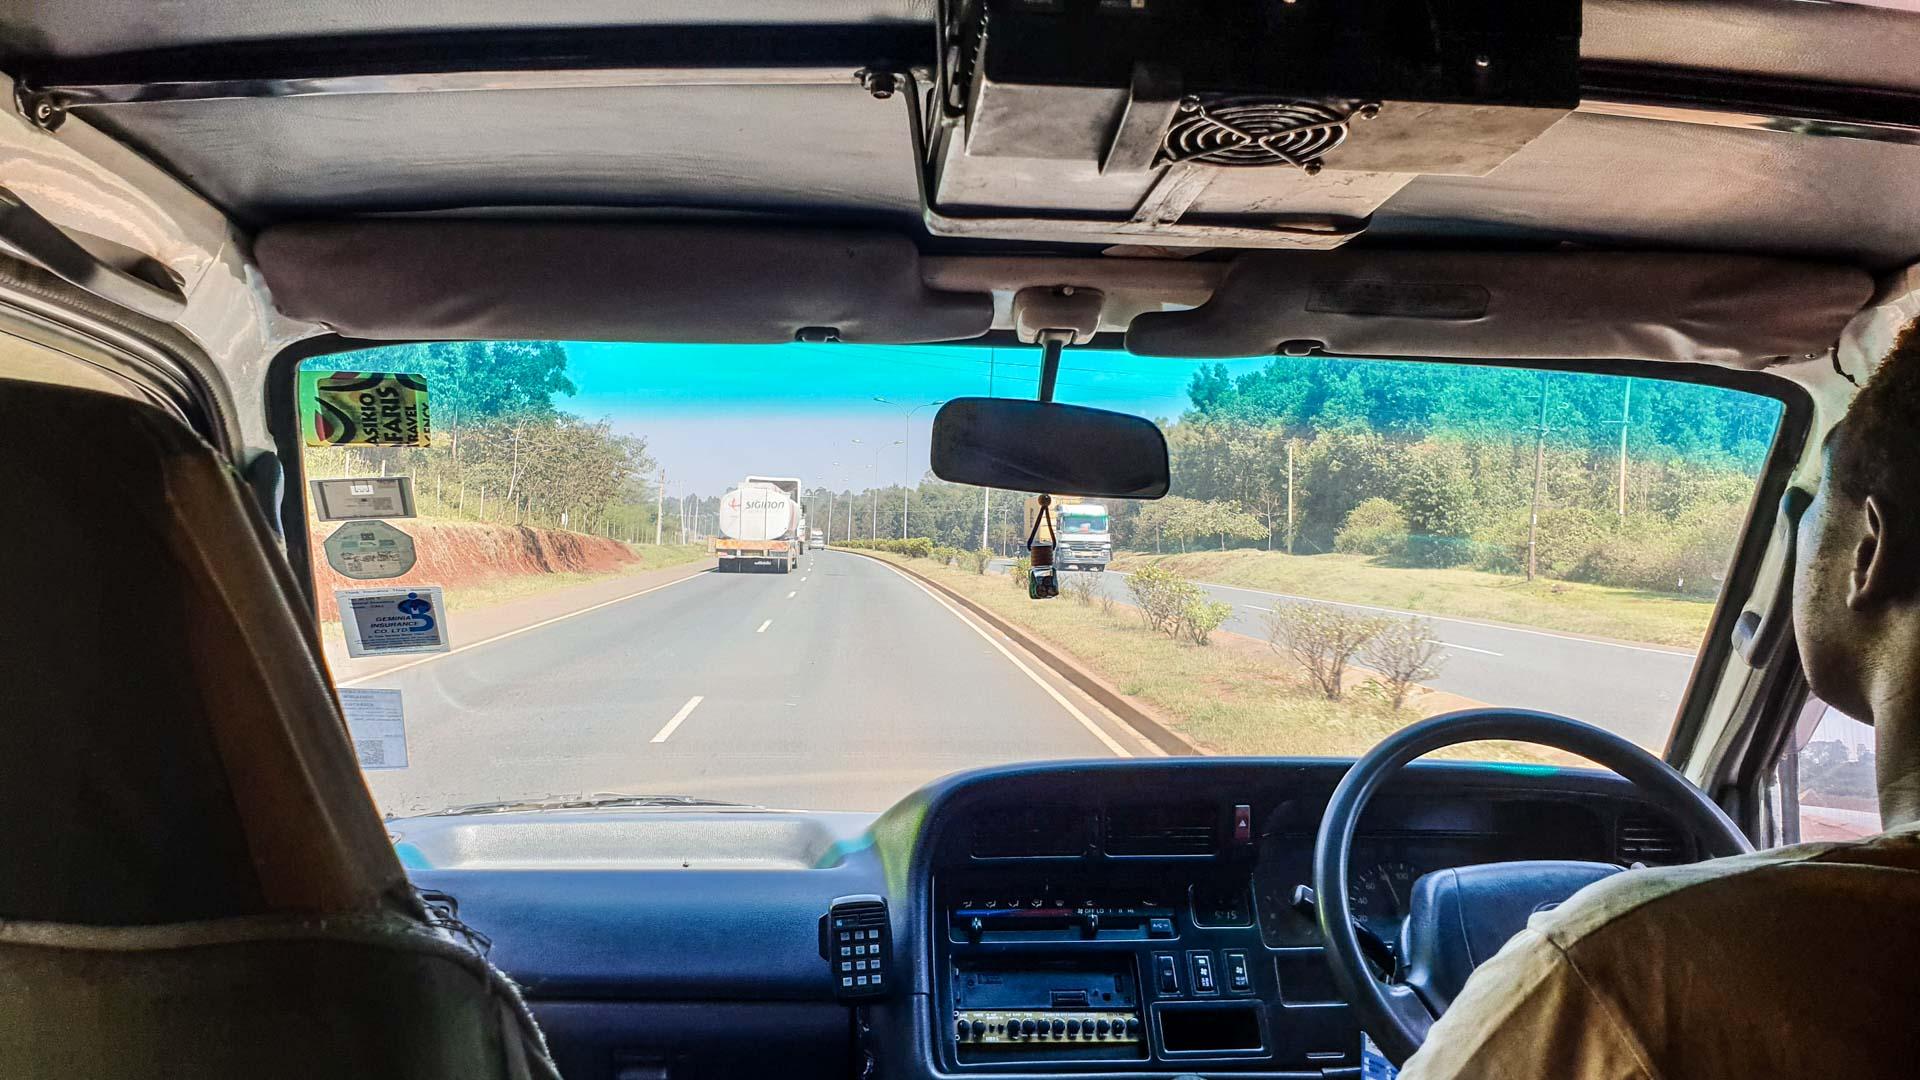 Carretera de Amboseli a Lago Nakuru, Kenia